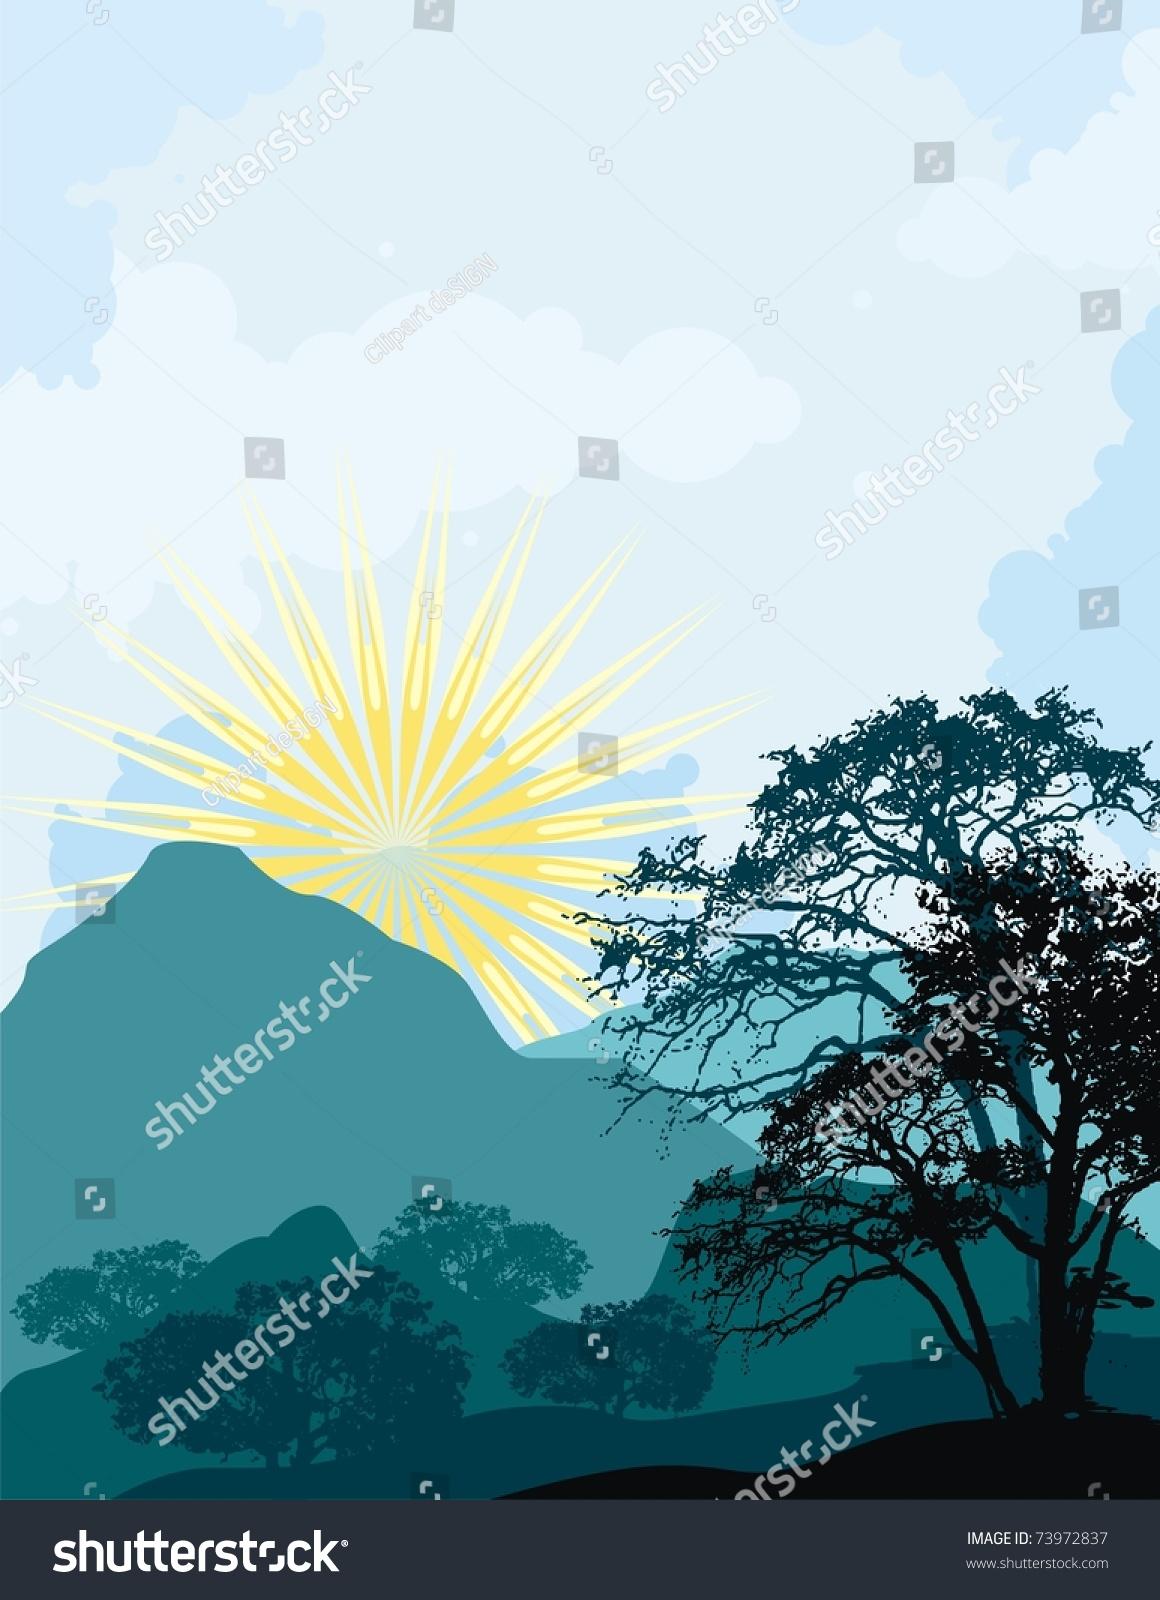 Three Cross Sunrise Stock Illustrations – 111 Three Cross Sunrise Stock  Illustrations, Vectors & Clipart - Dreamstime